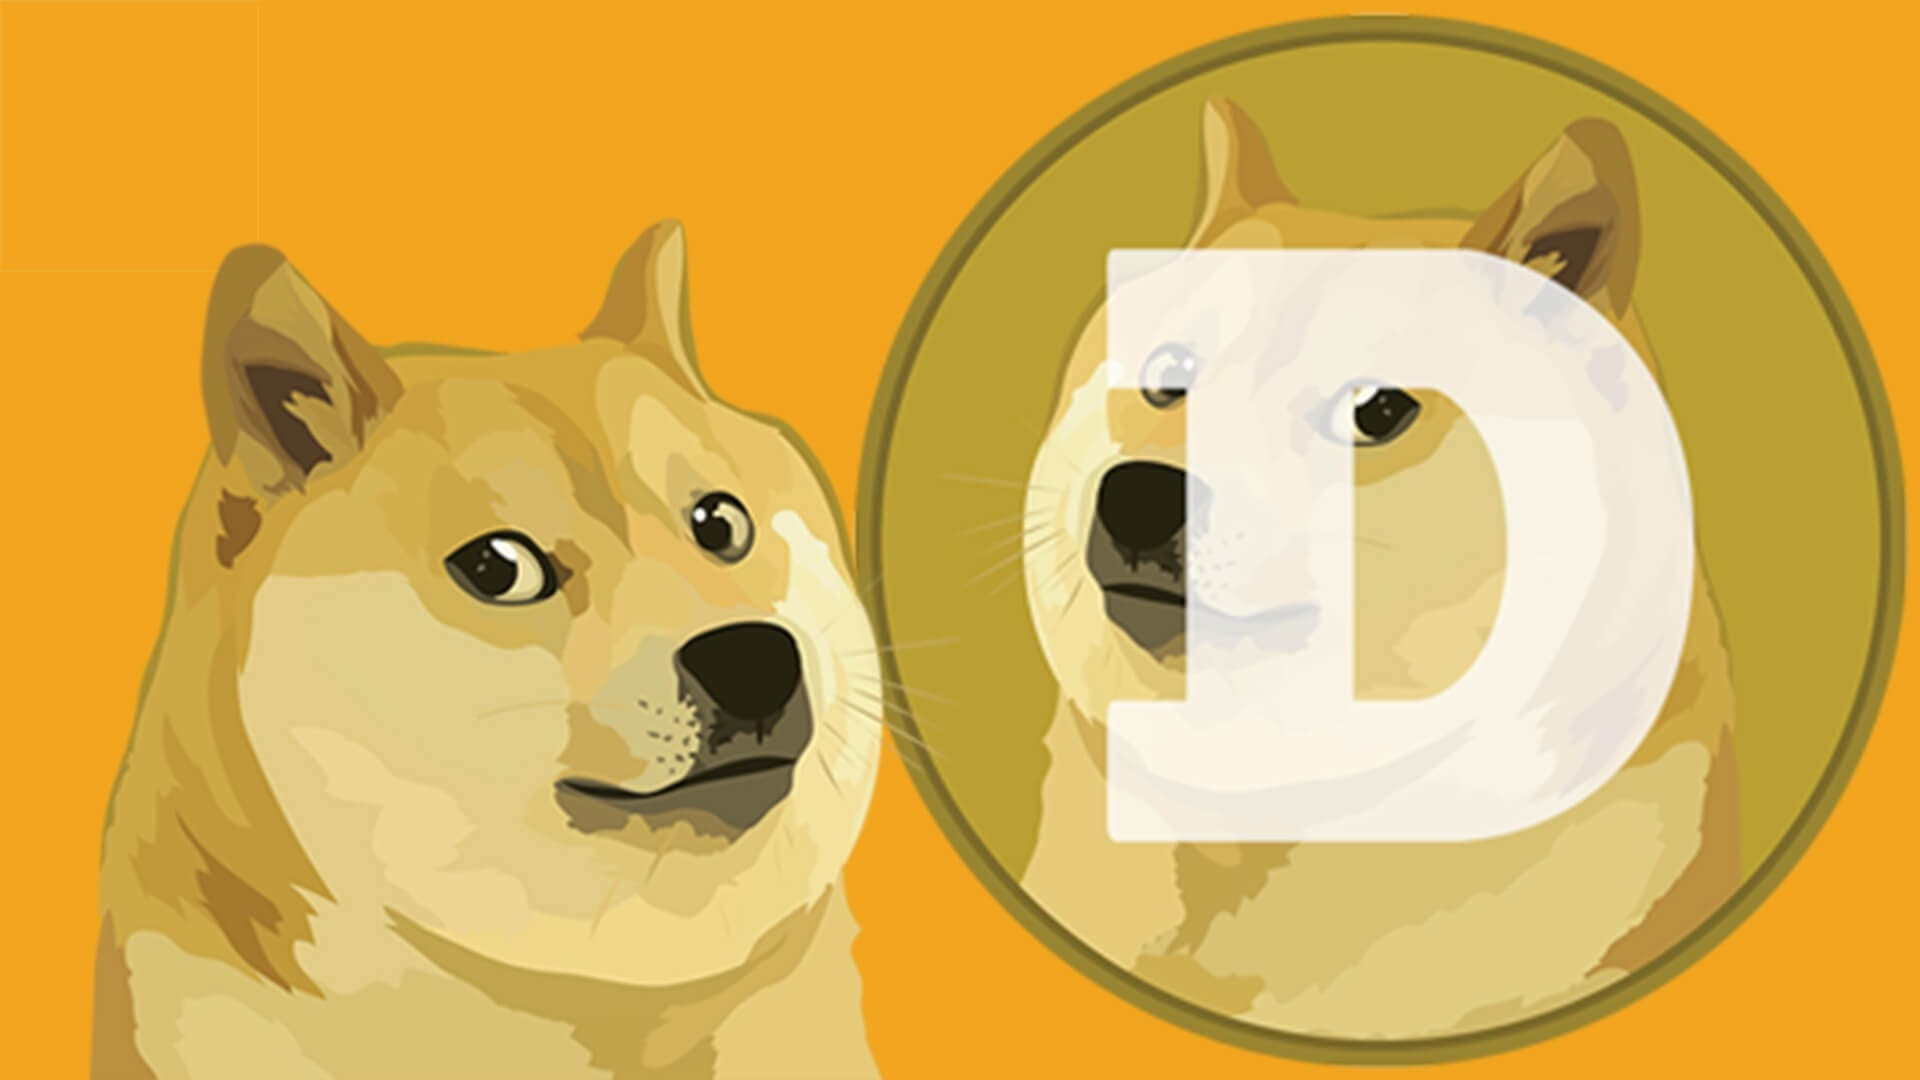 ¿Sabes quién está detrás del boom del Dogecoin?... Reddit, Musk, Coinbase, cortos...